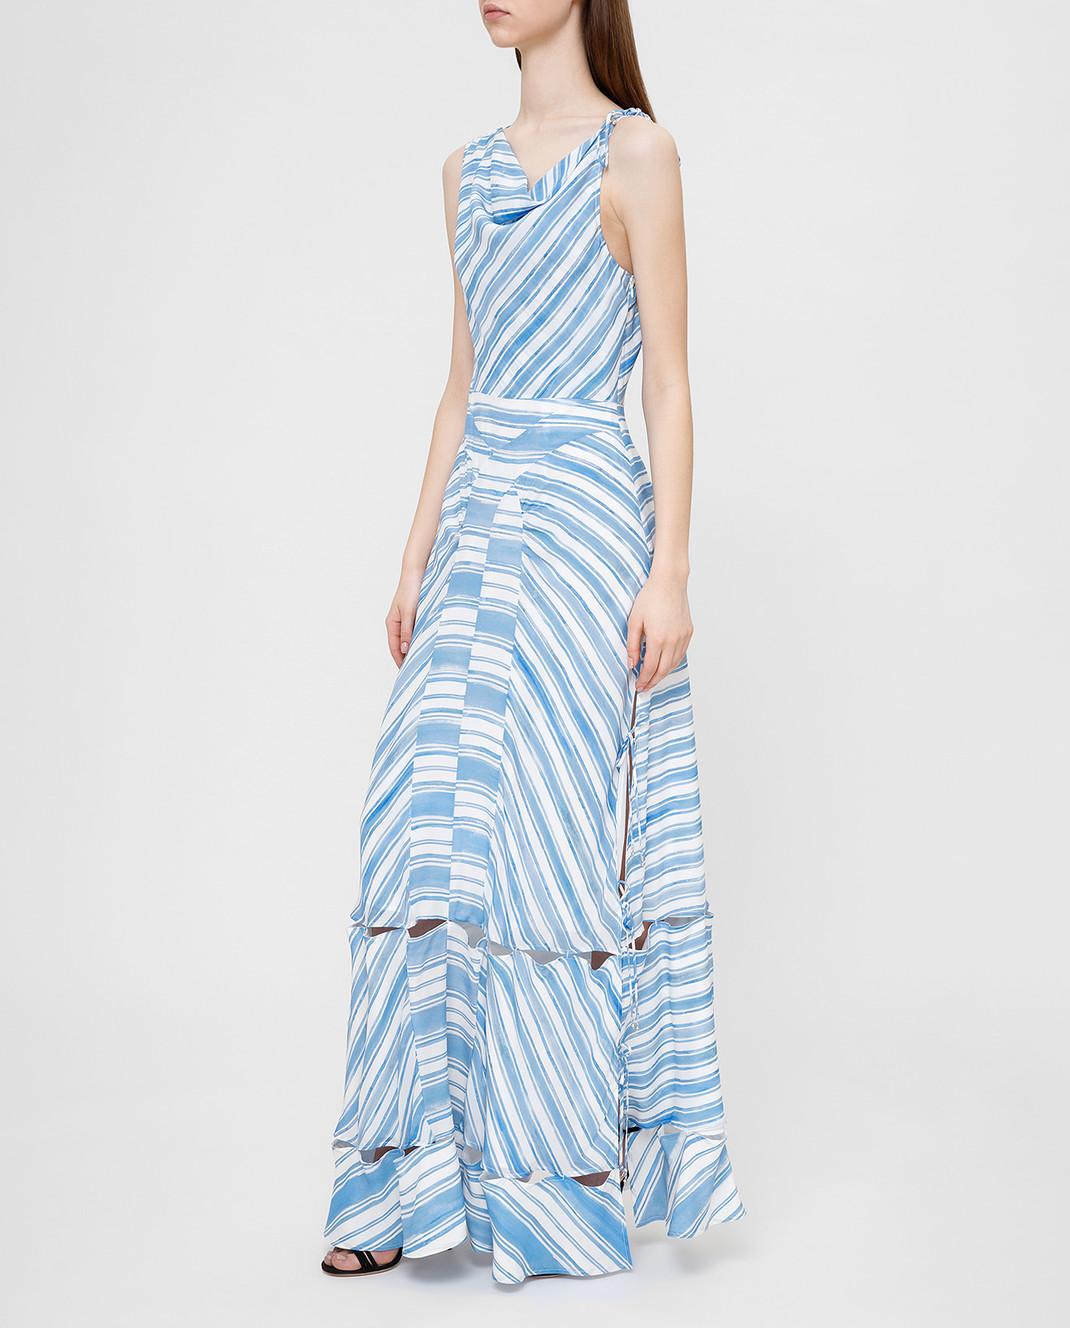 Altuzarra Голубое платье из шелка изображение 3